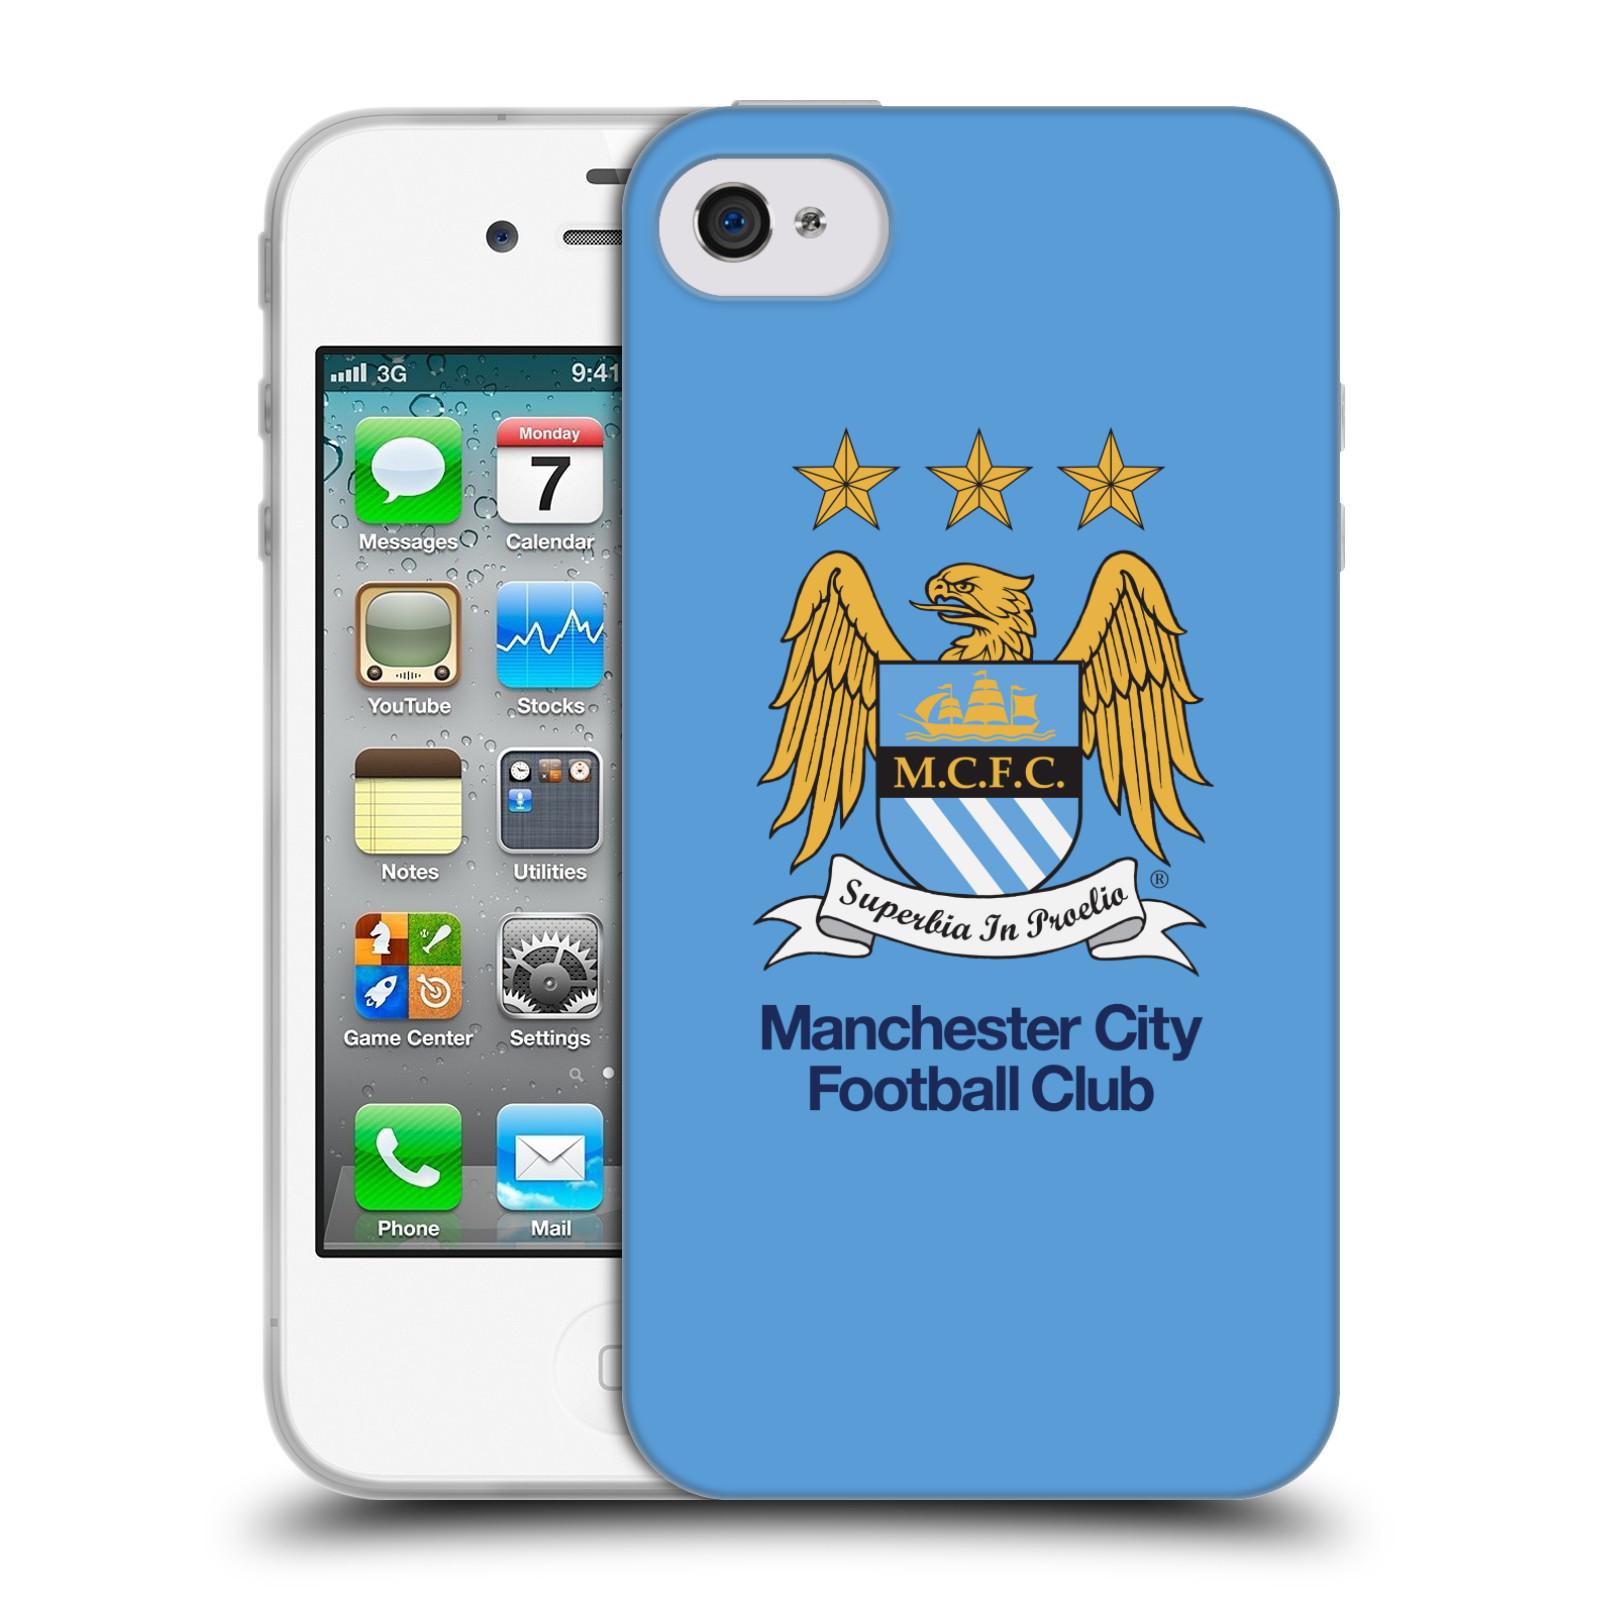 HEAD CASE silikonový obal na mobil Apple Iphone 4 Fotbalový klub Manchester City nebesky modrá pozadí velký znak pták